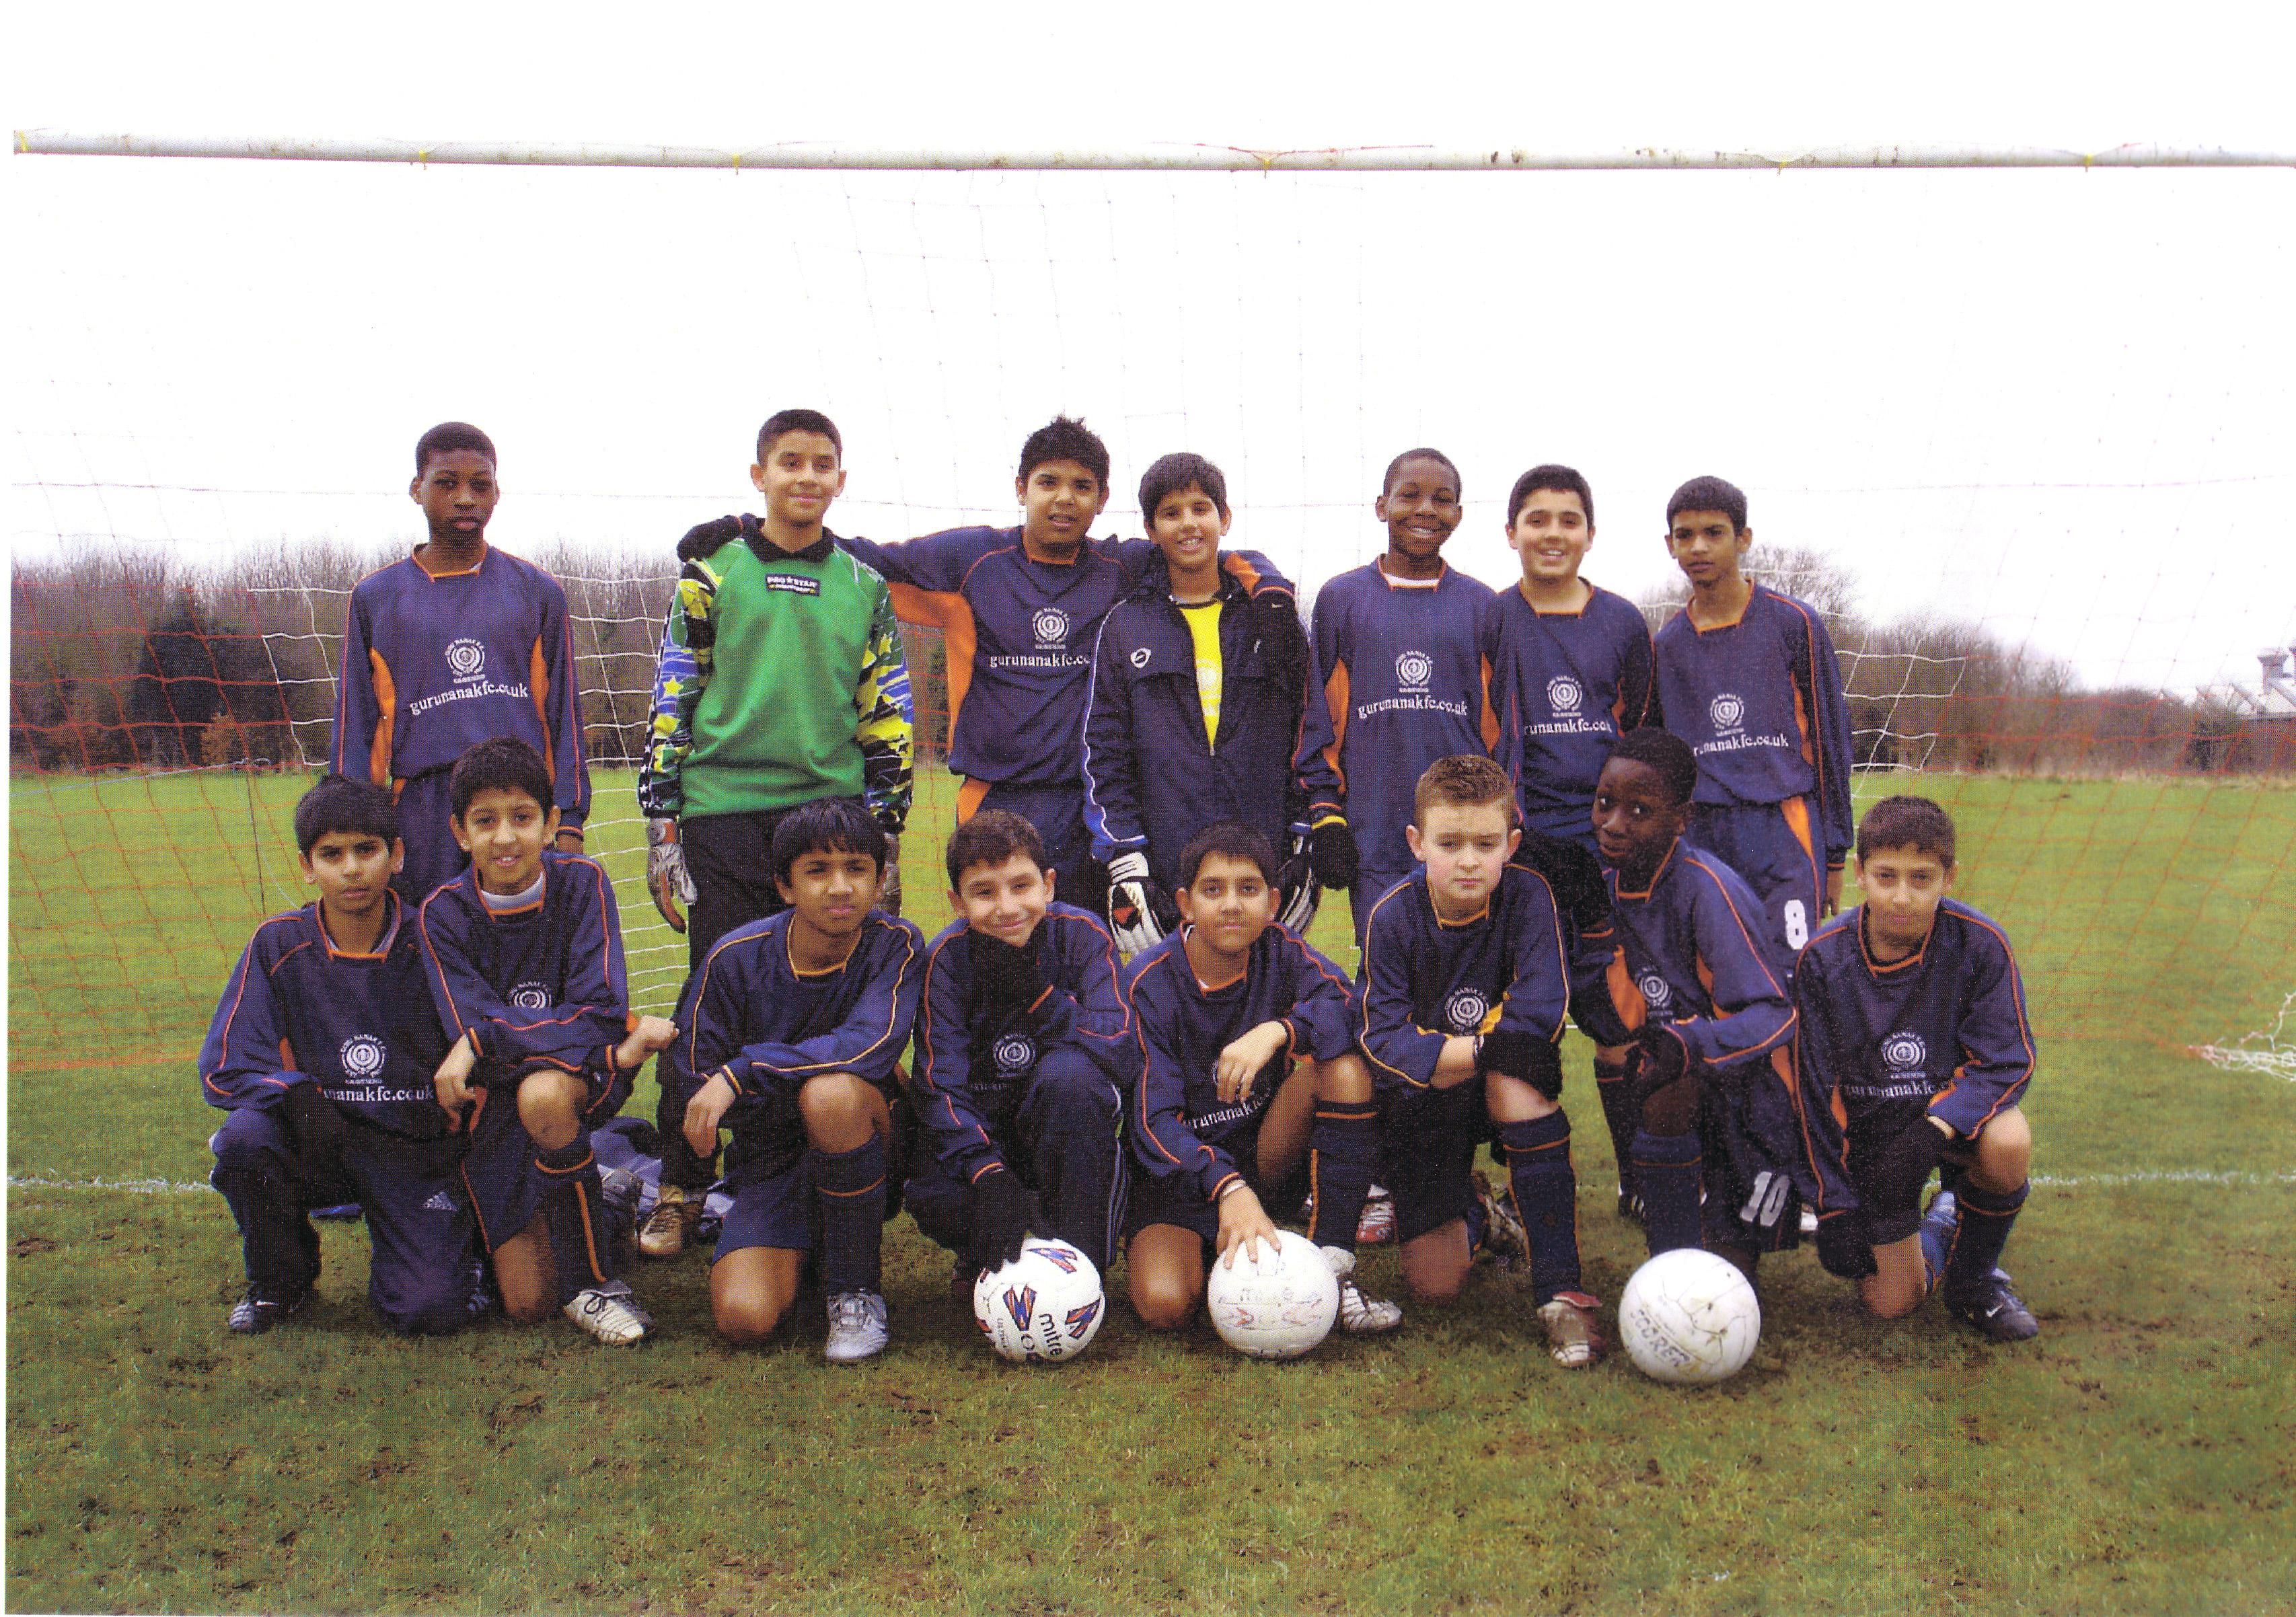 Under 13's 2004/05